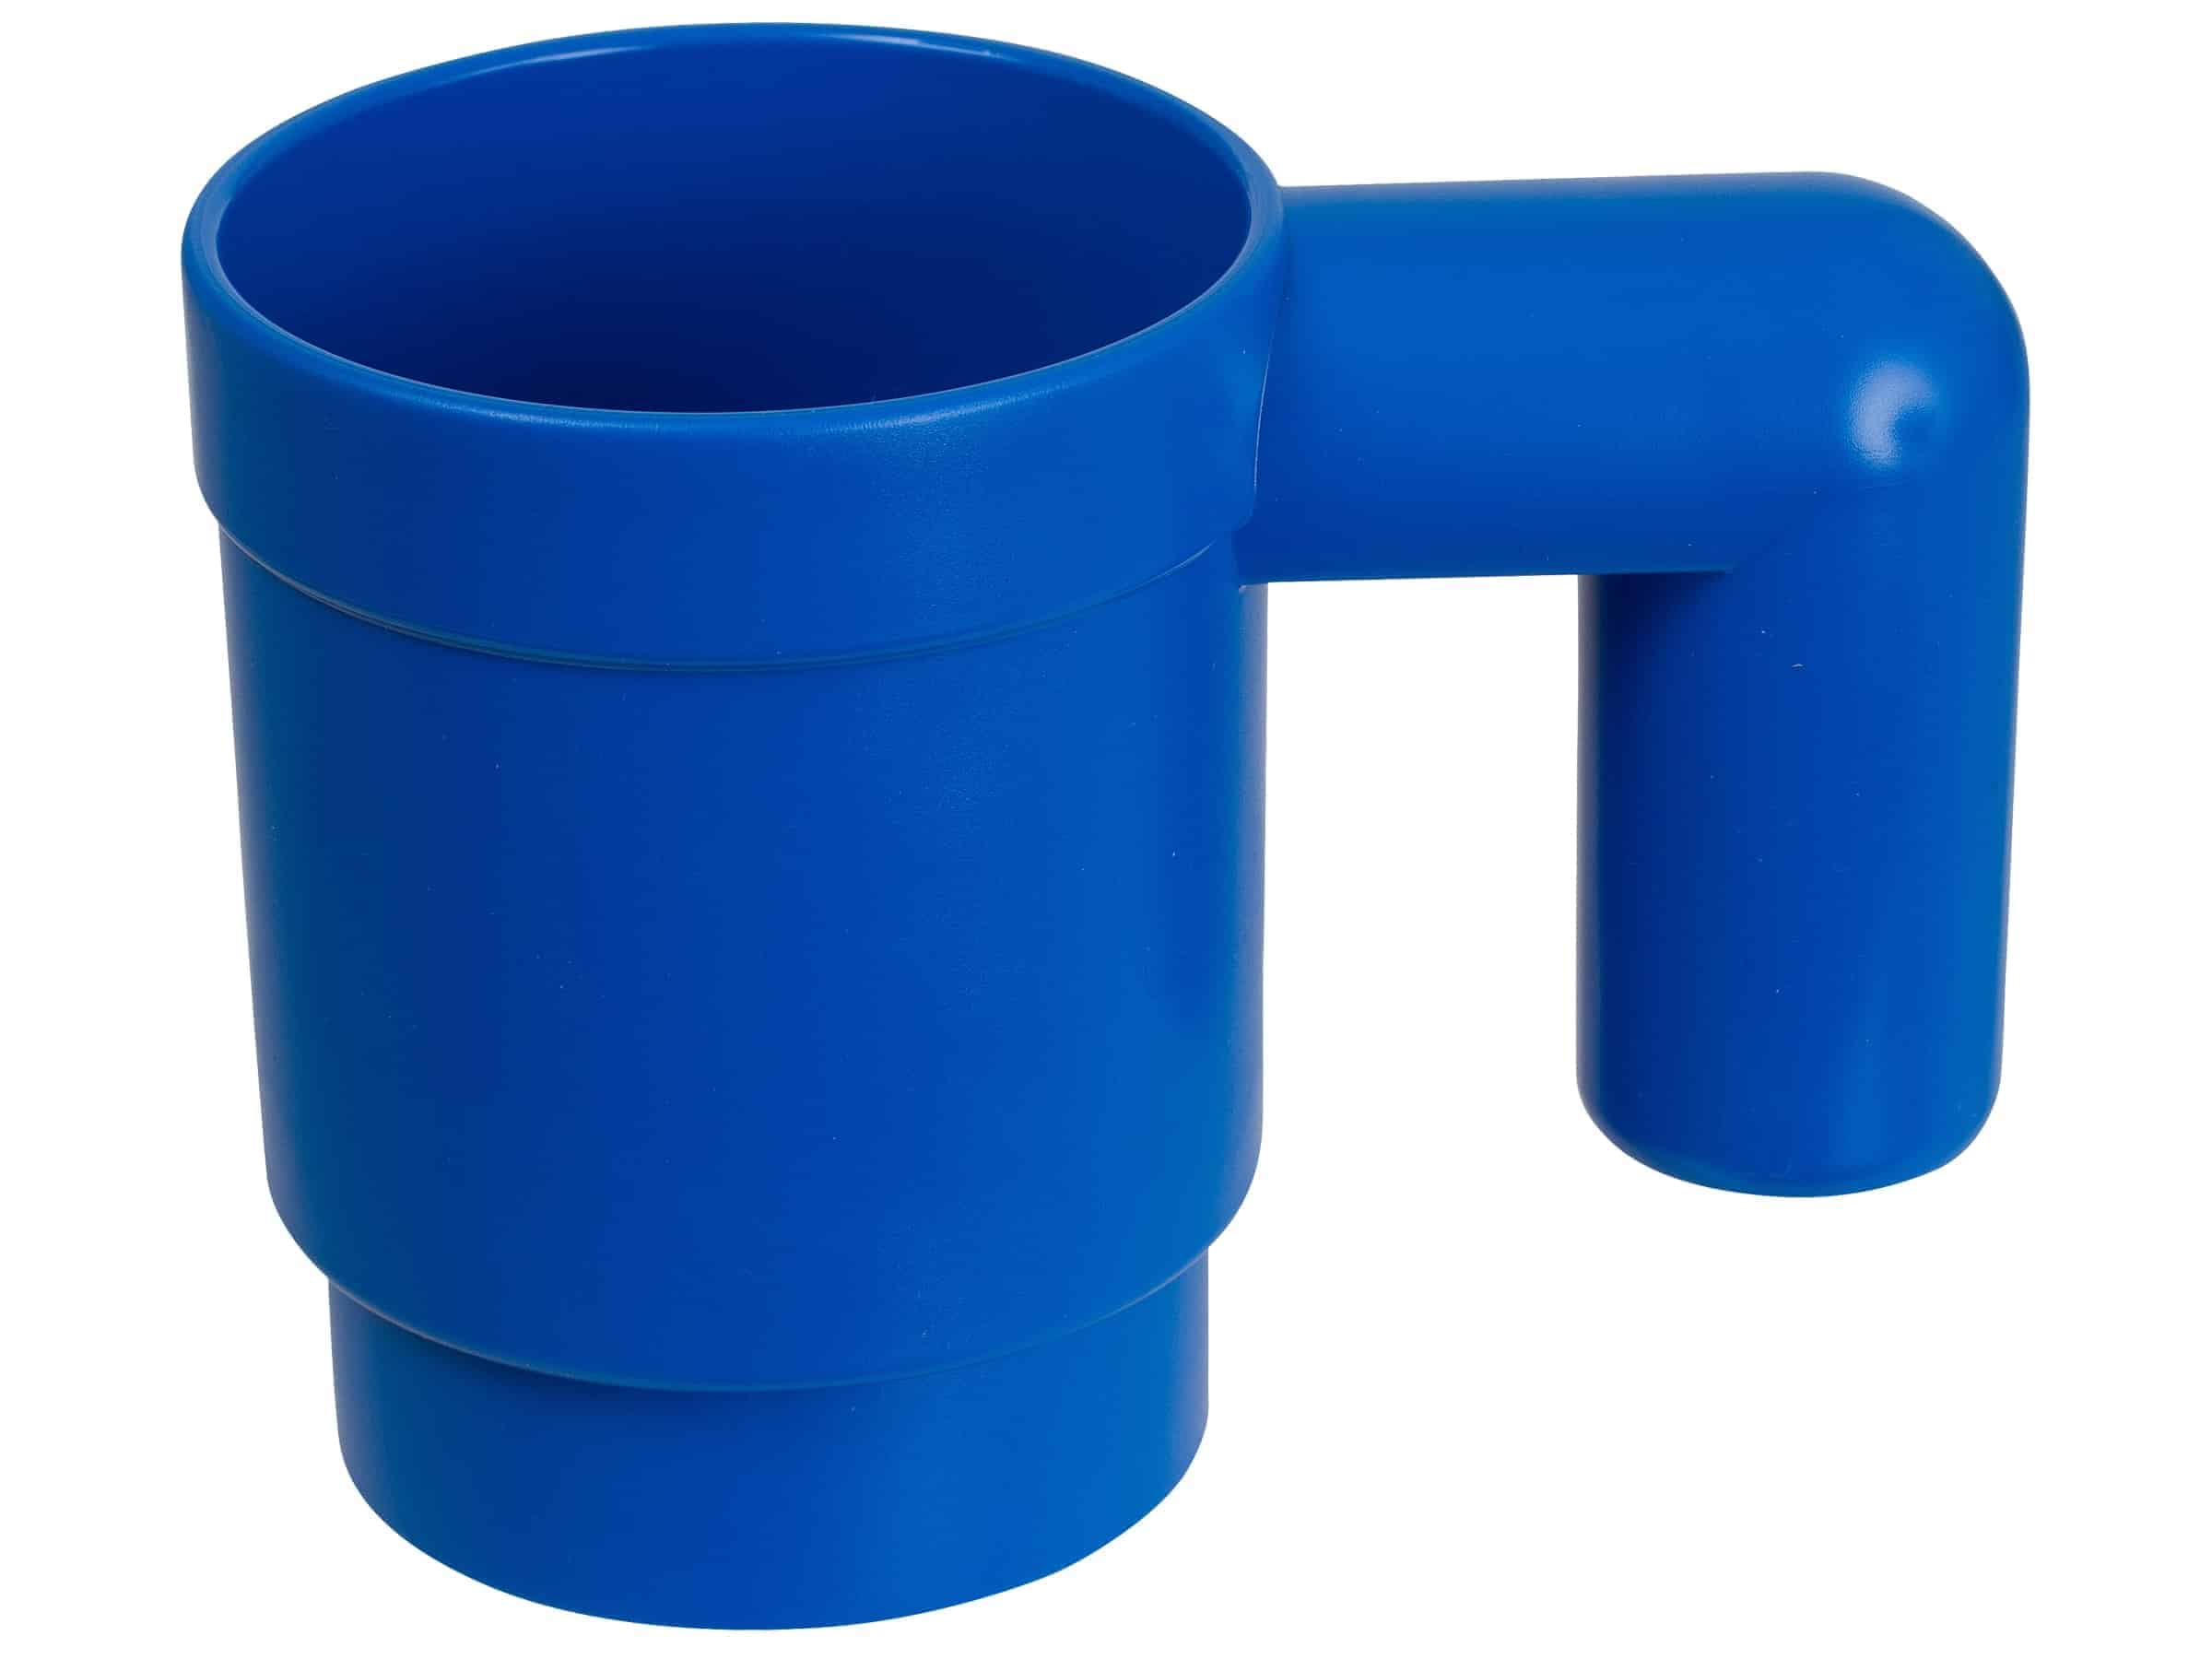 lego 853465 blauer becher in voller lebensgroesse